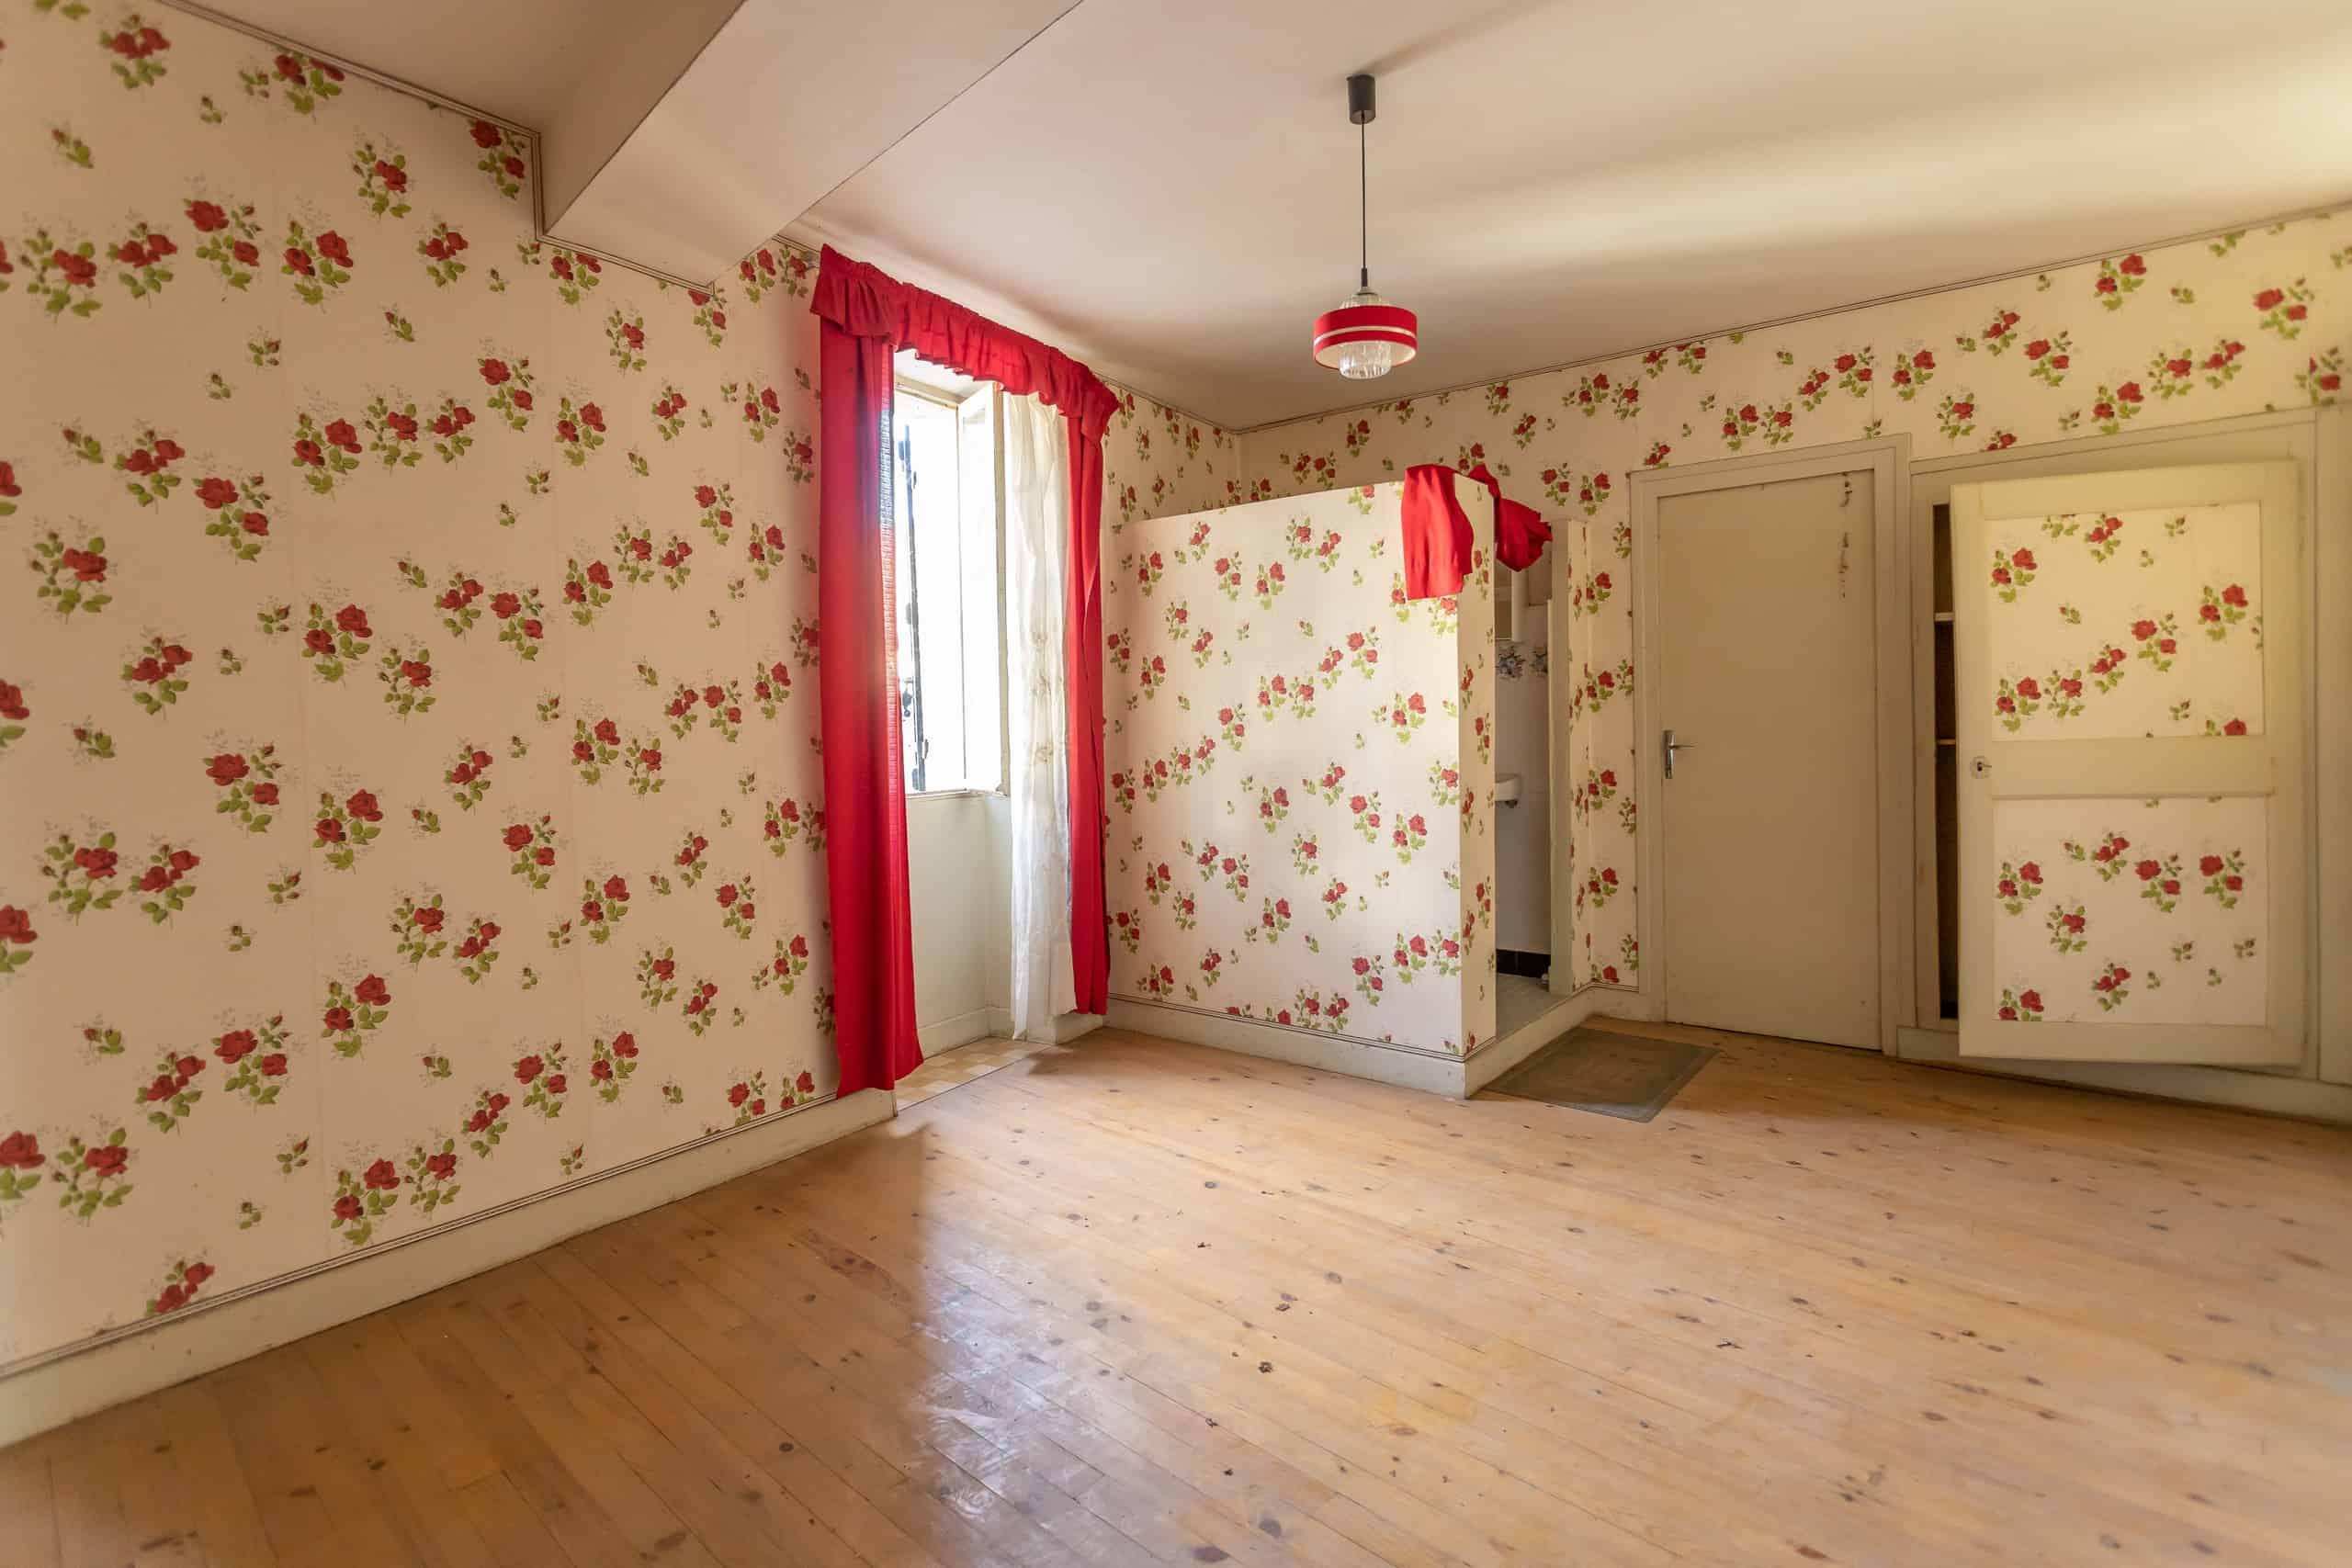 Bedroom-WMC021 (1)